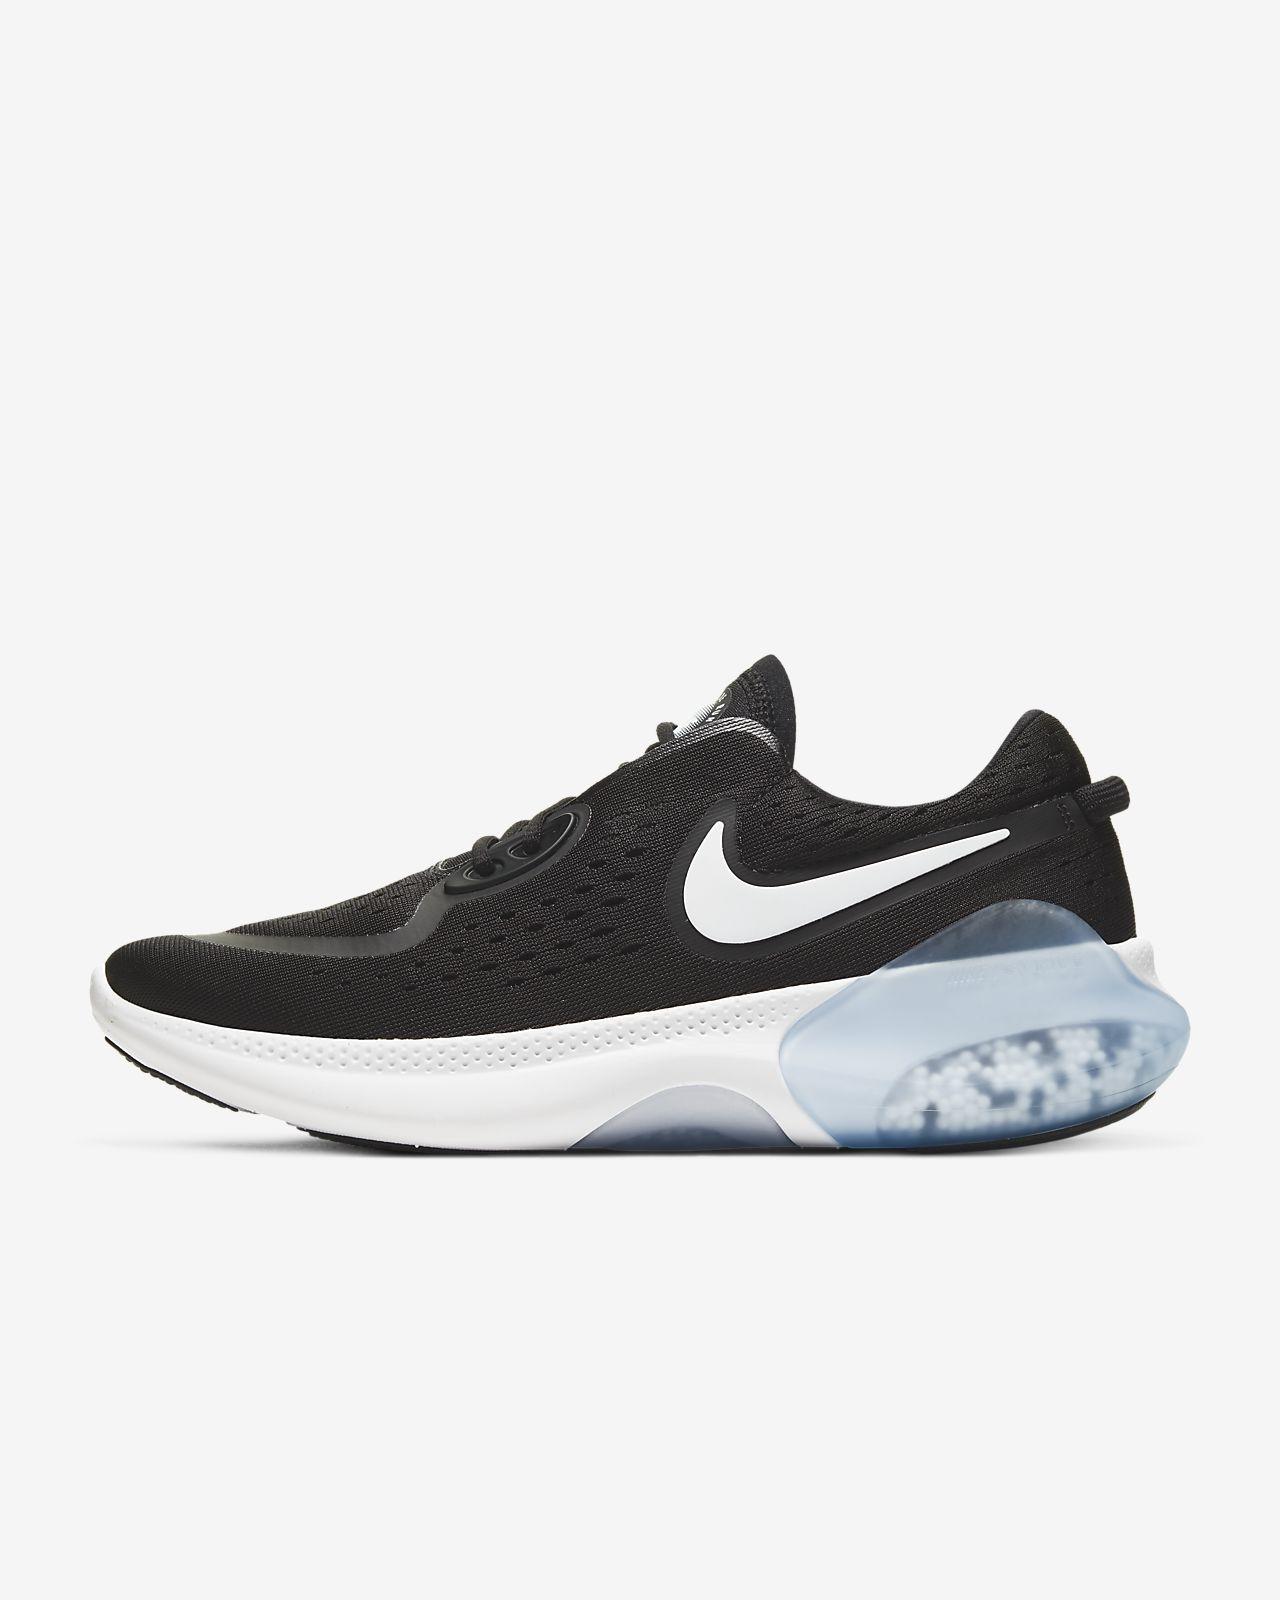 Chaussure de running Nike Joyride Dual Run pour Femme